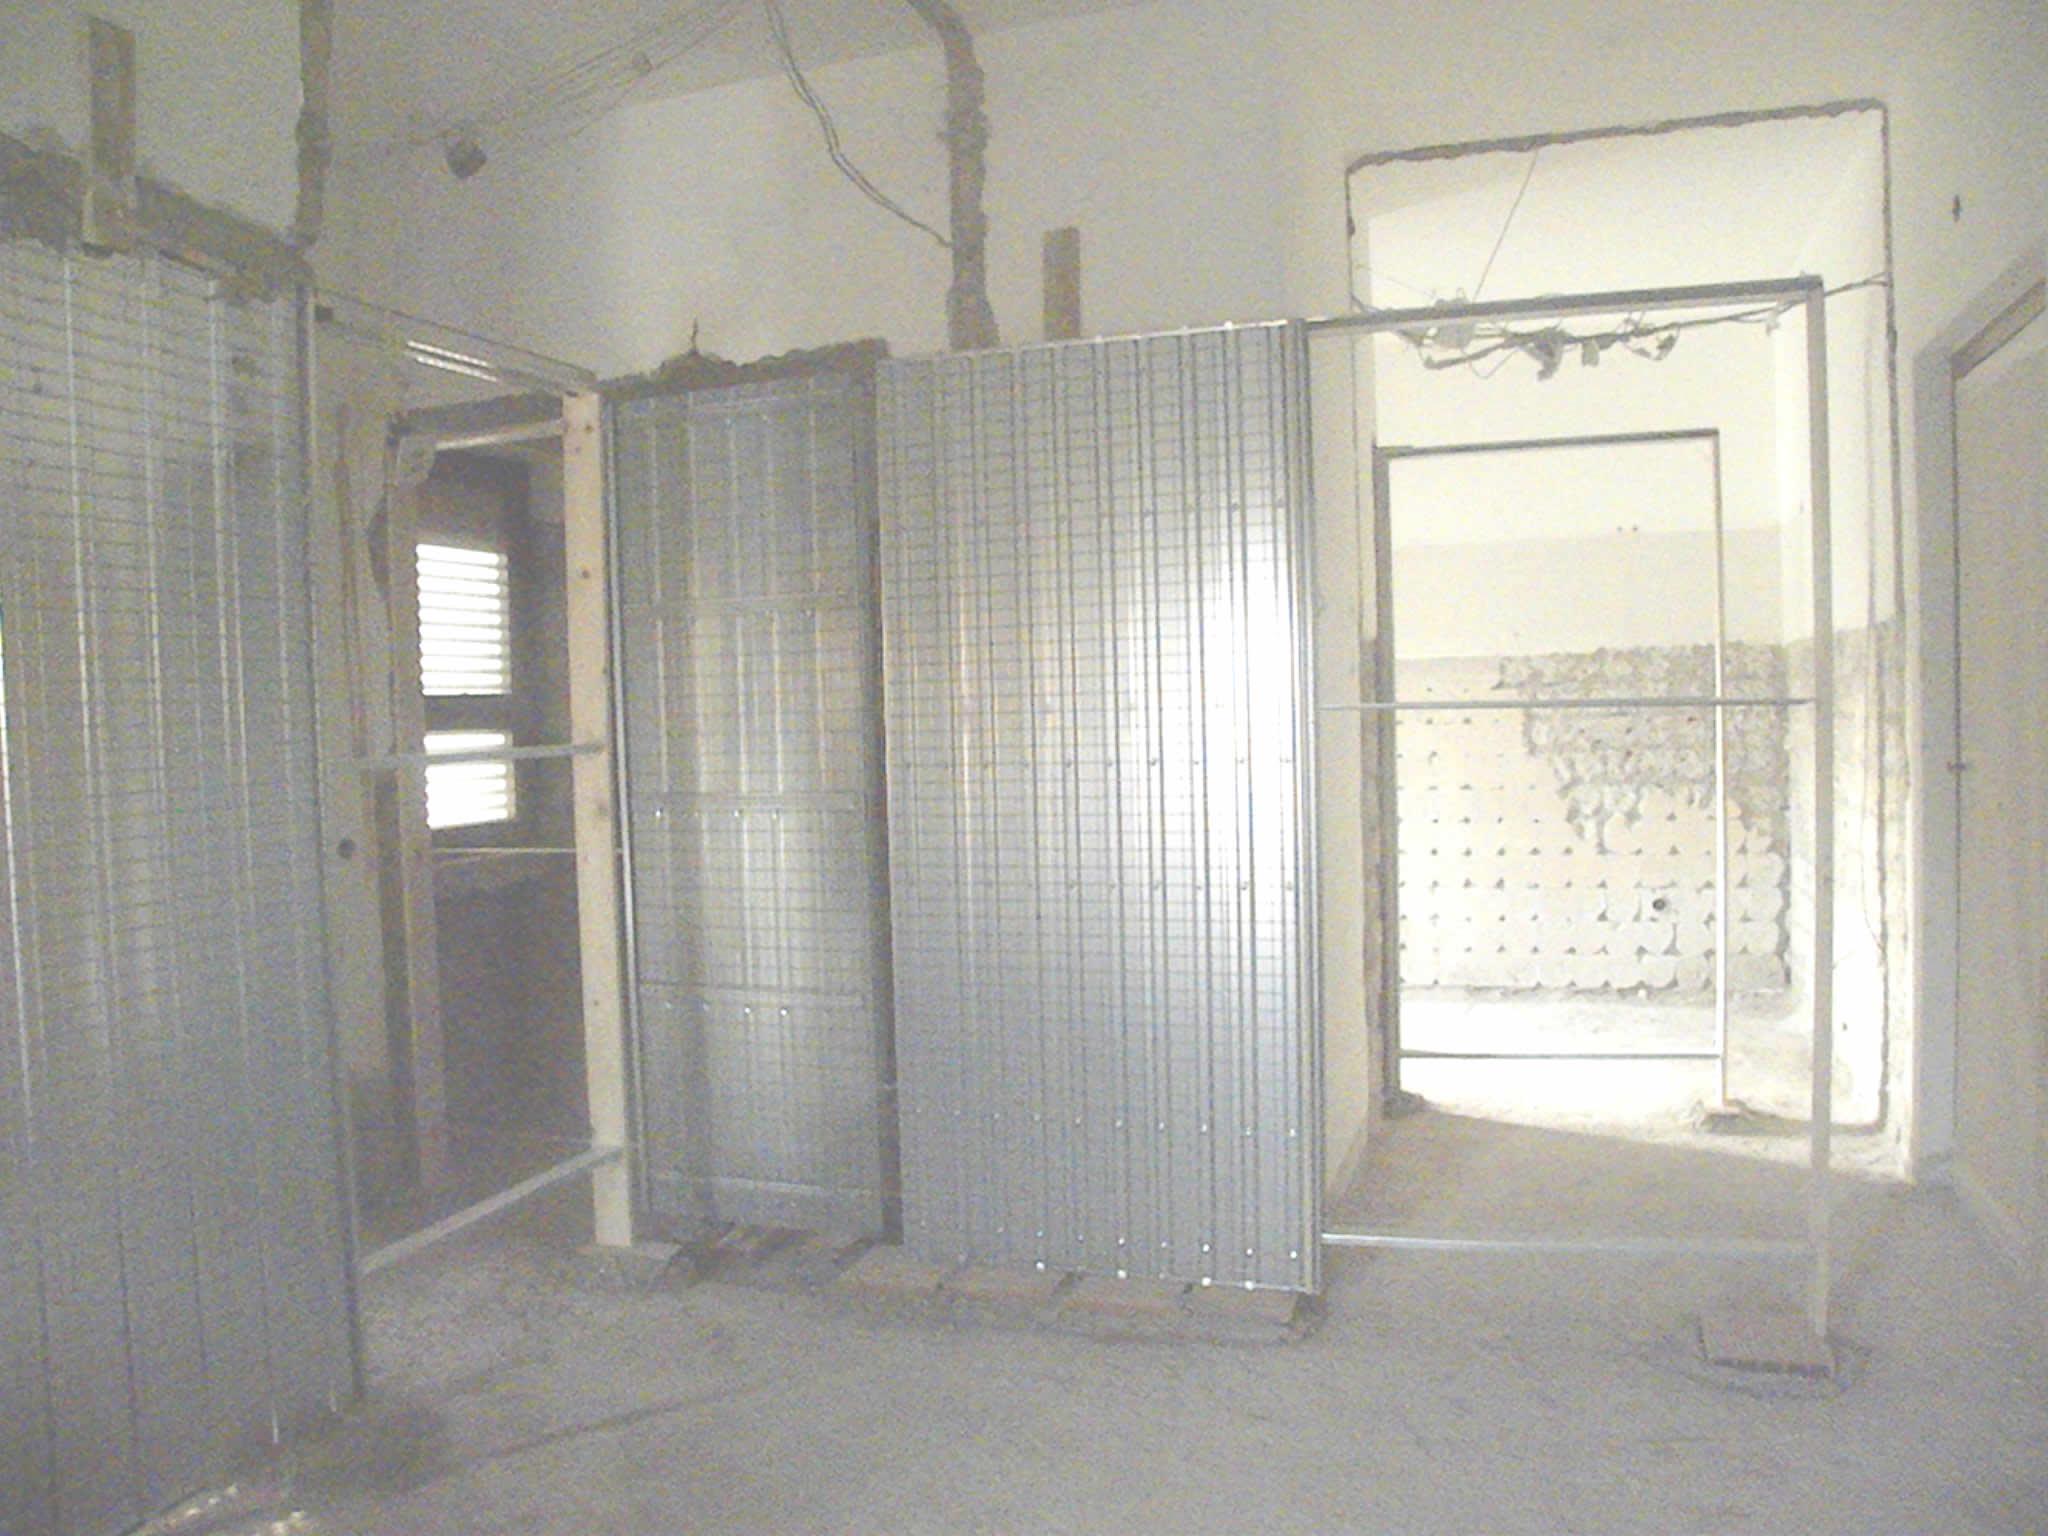 Ristrutturazione appartamento roma preventivo gratuito - Calcolo preventivo ristrutturazione casa ...